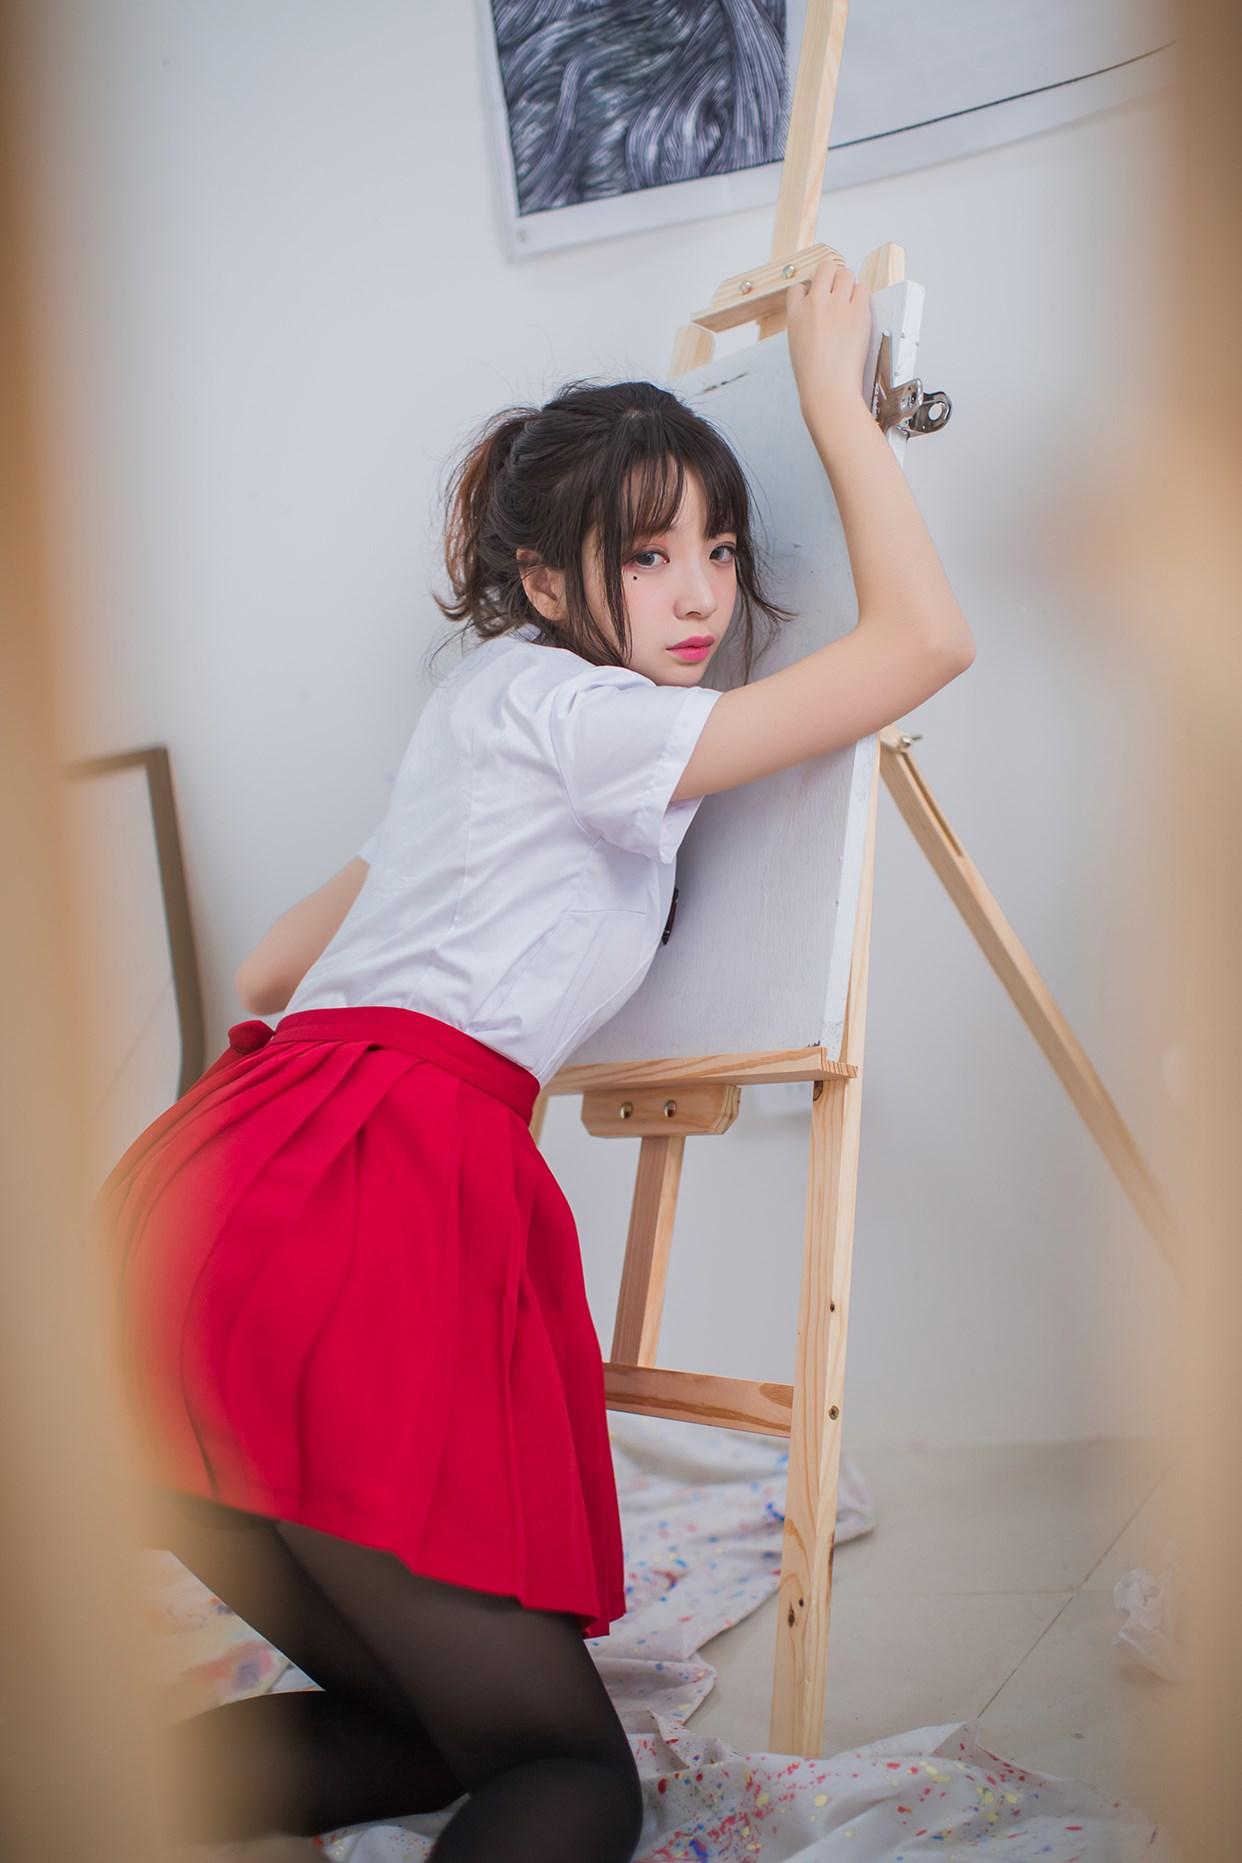 【兔玩映画】黑丝 · JK · 少女 兔玩映画 第10张